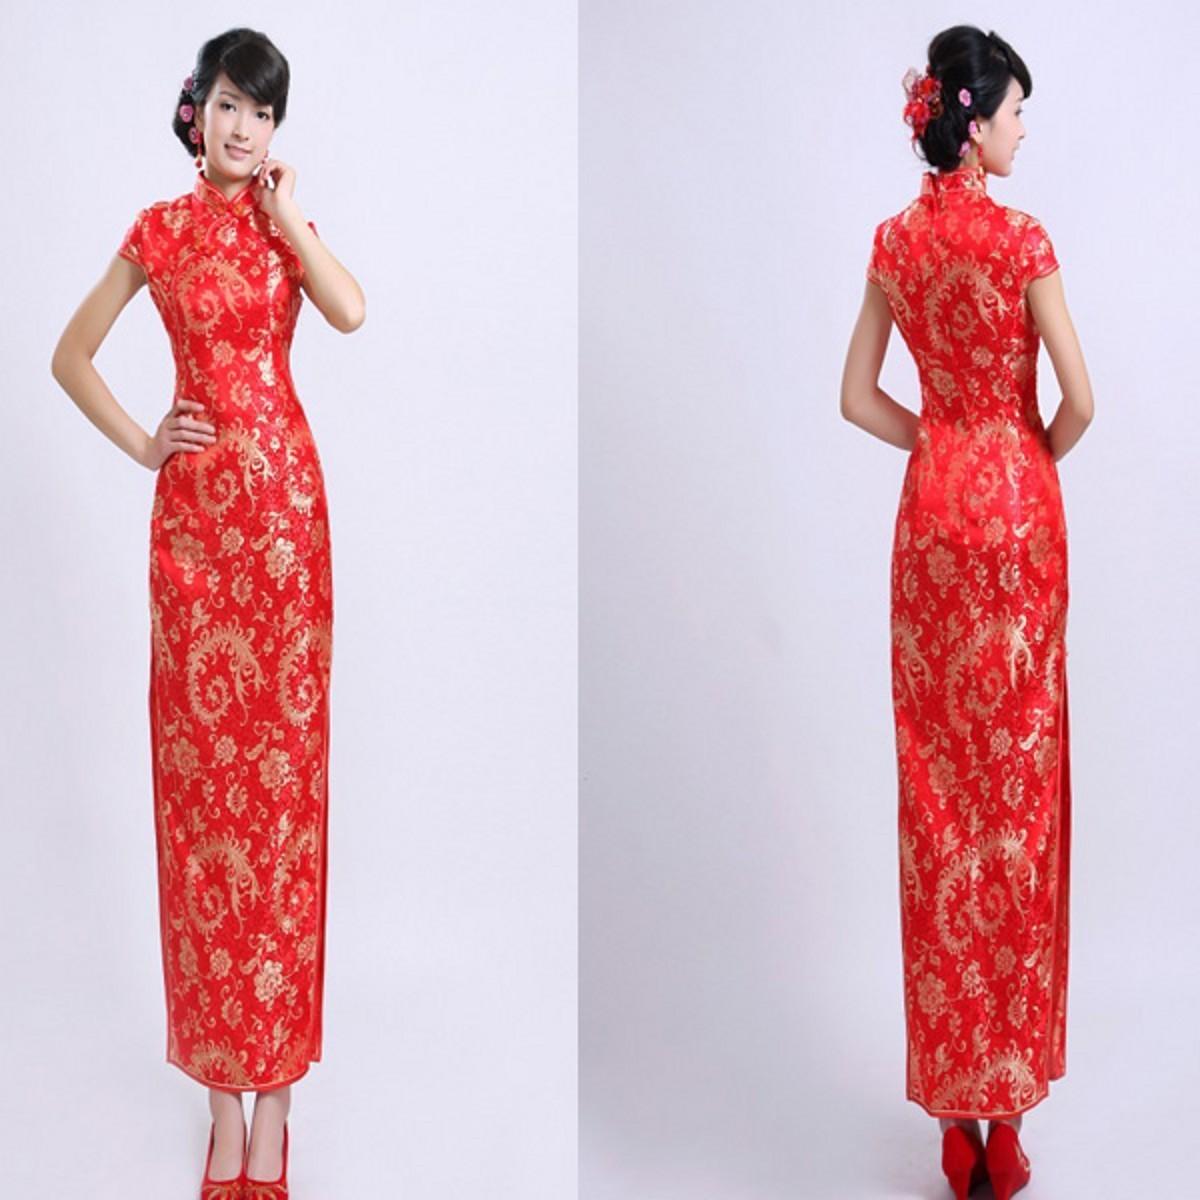 红色婚纱旗袍秀